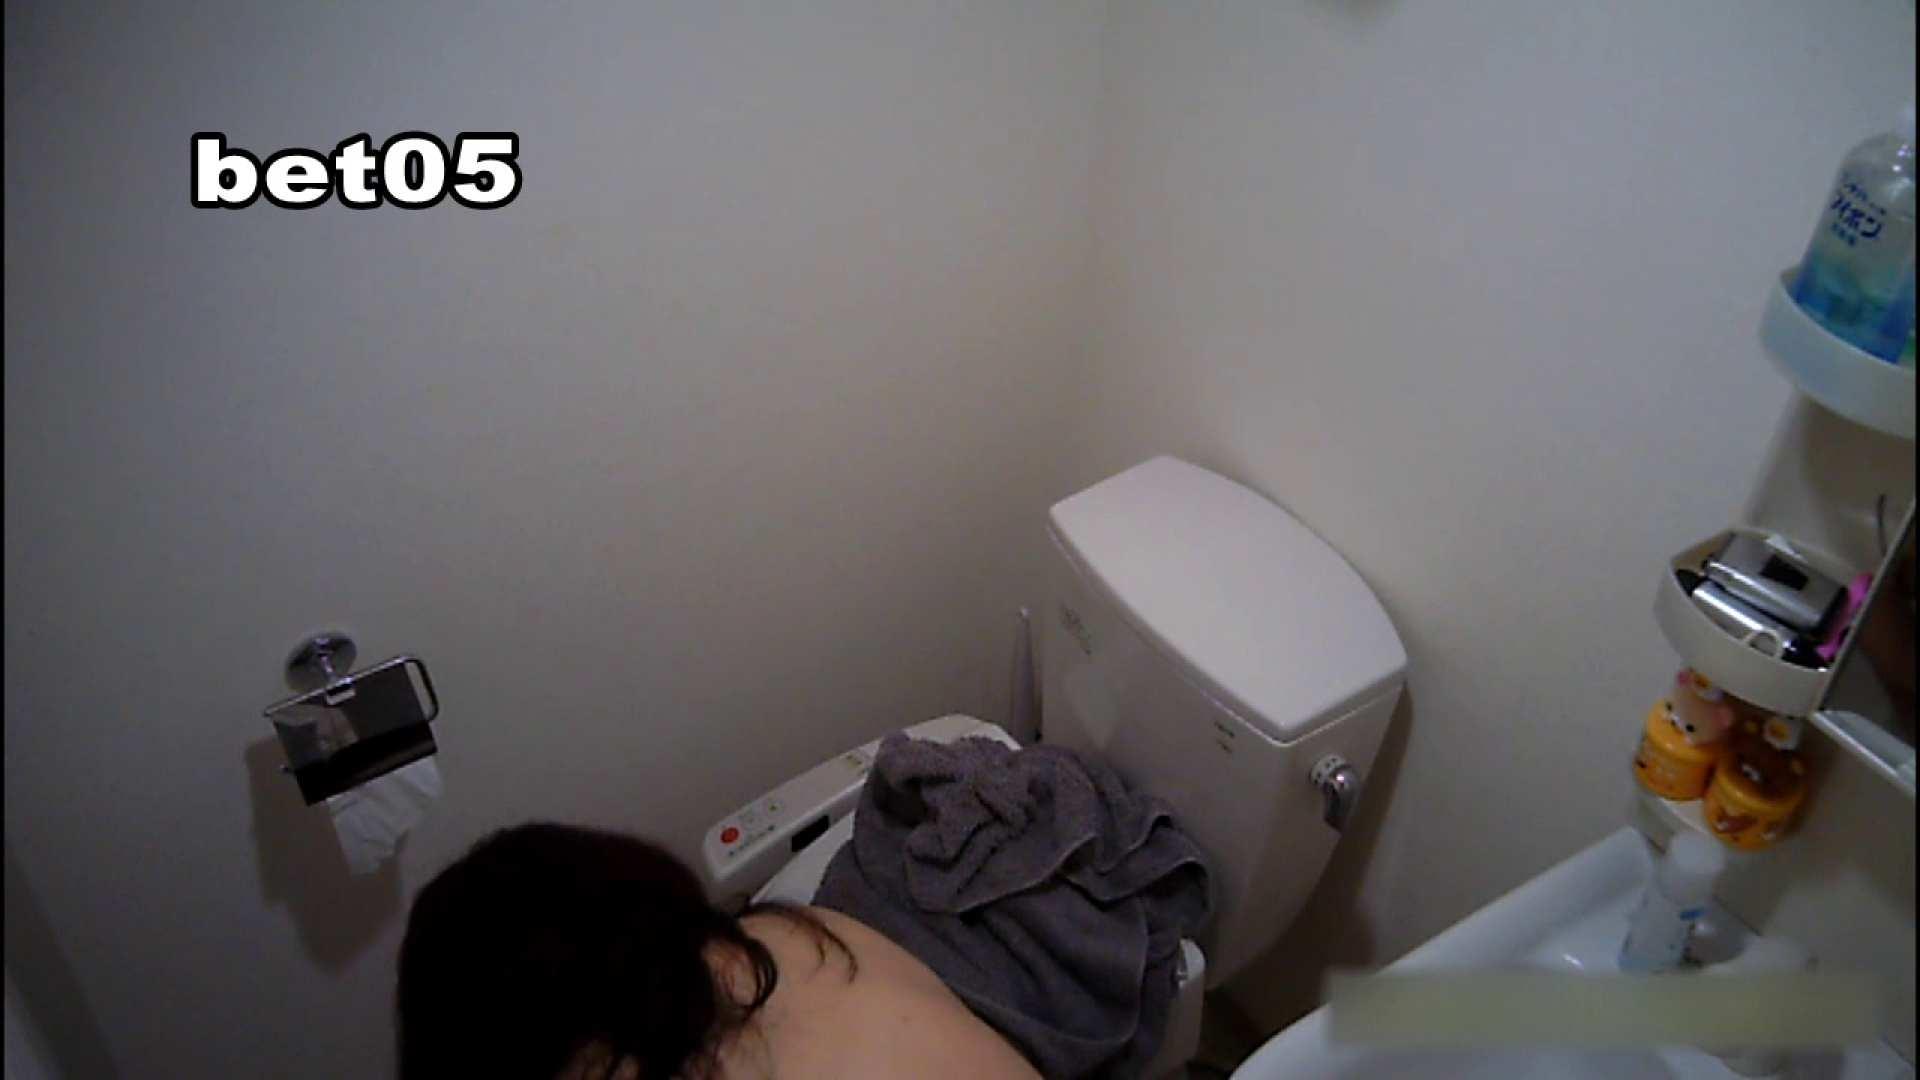 ミキ・大手旅行代理店勤務(24歳・仮名) vol.05 オマケで全裸洗面所も公開 リベンジ  100PIX 41